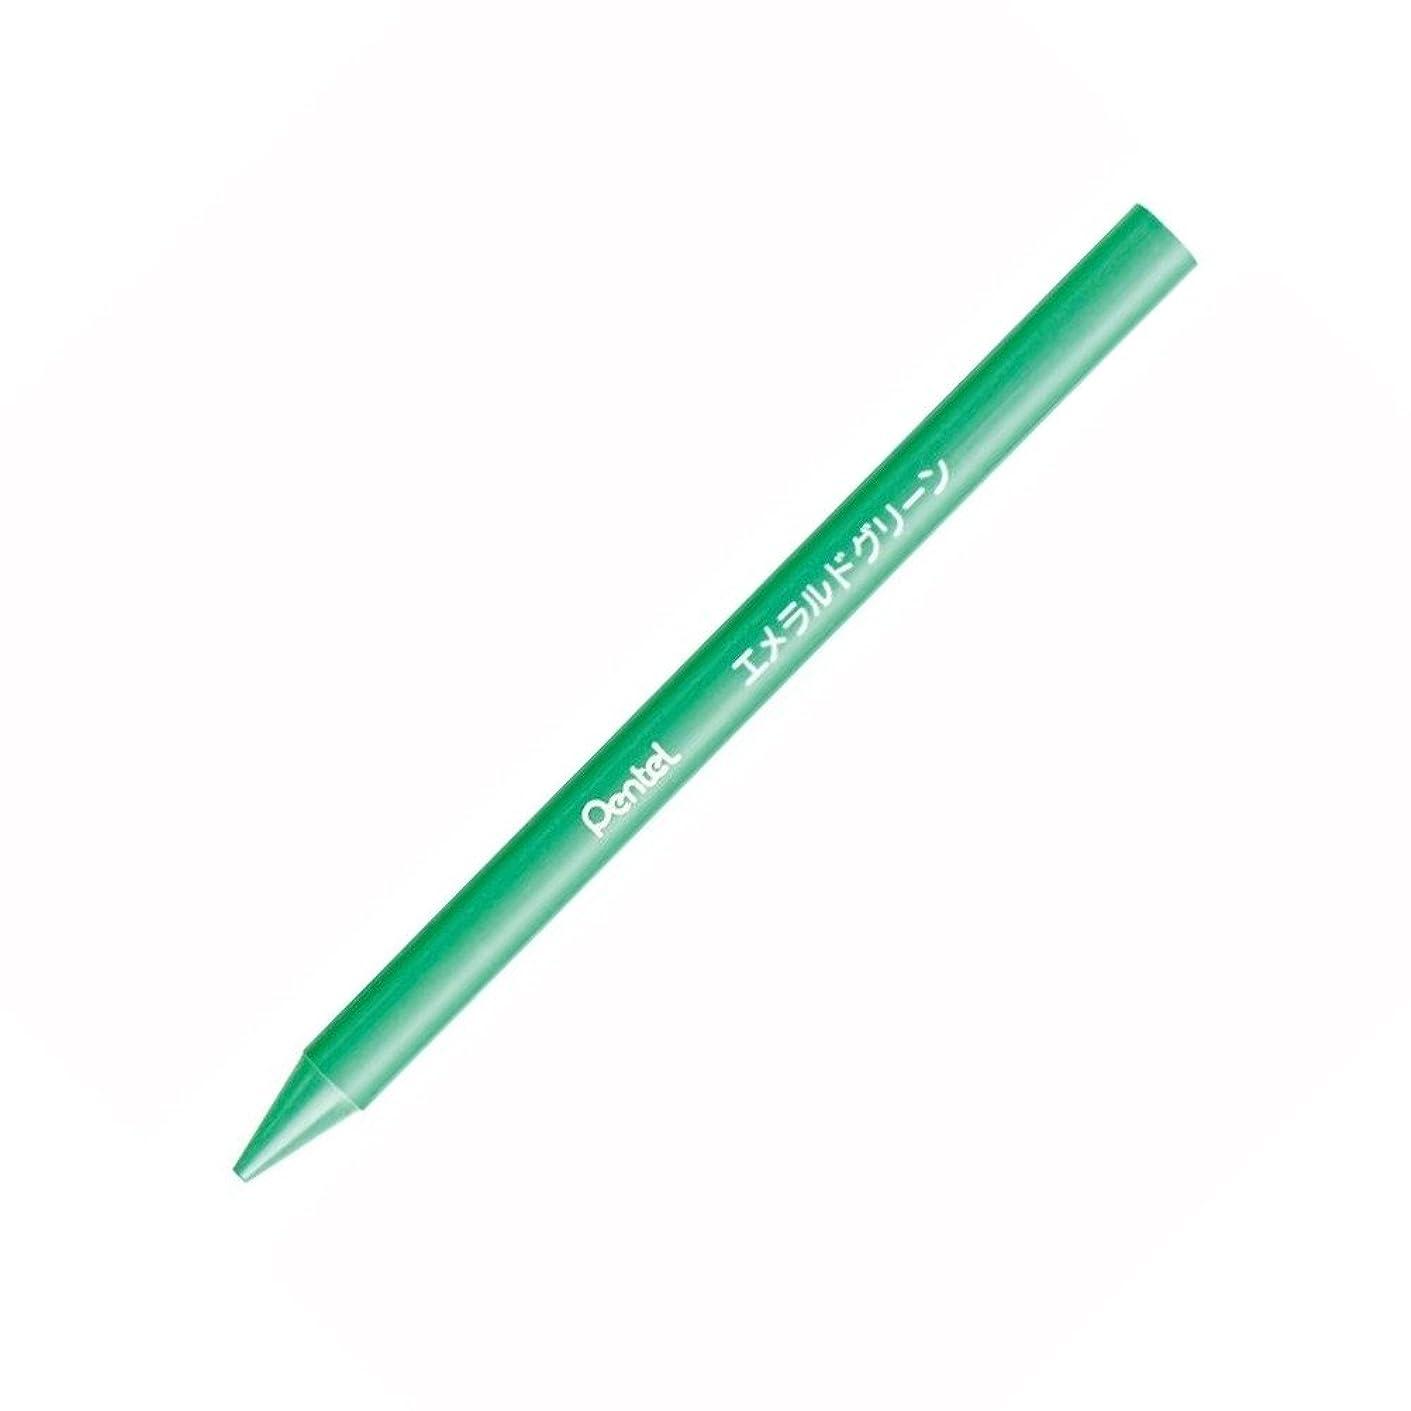 密以内に鼻ぺんてる 小学校色えんぴつ パスティック エメラルドグリーン GC-T73R